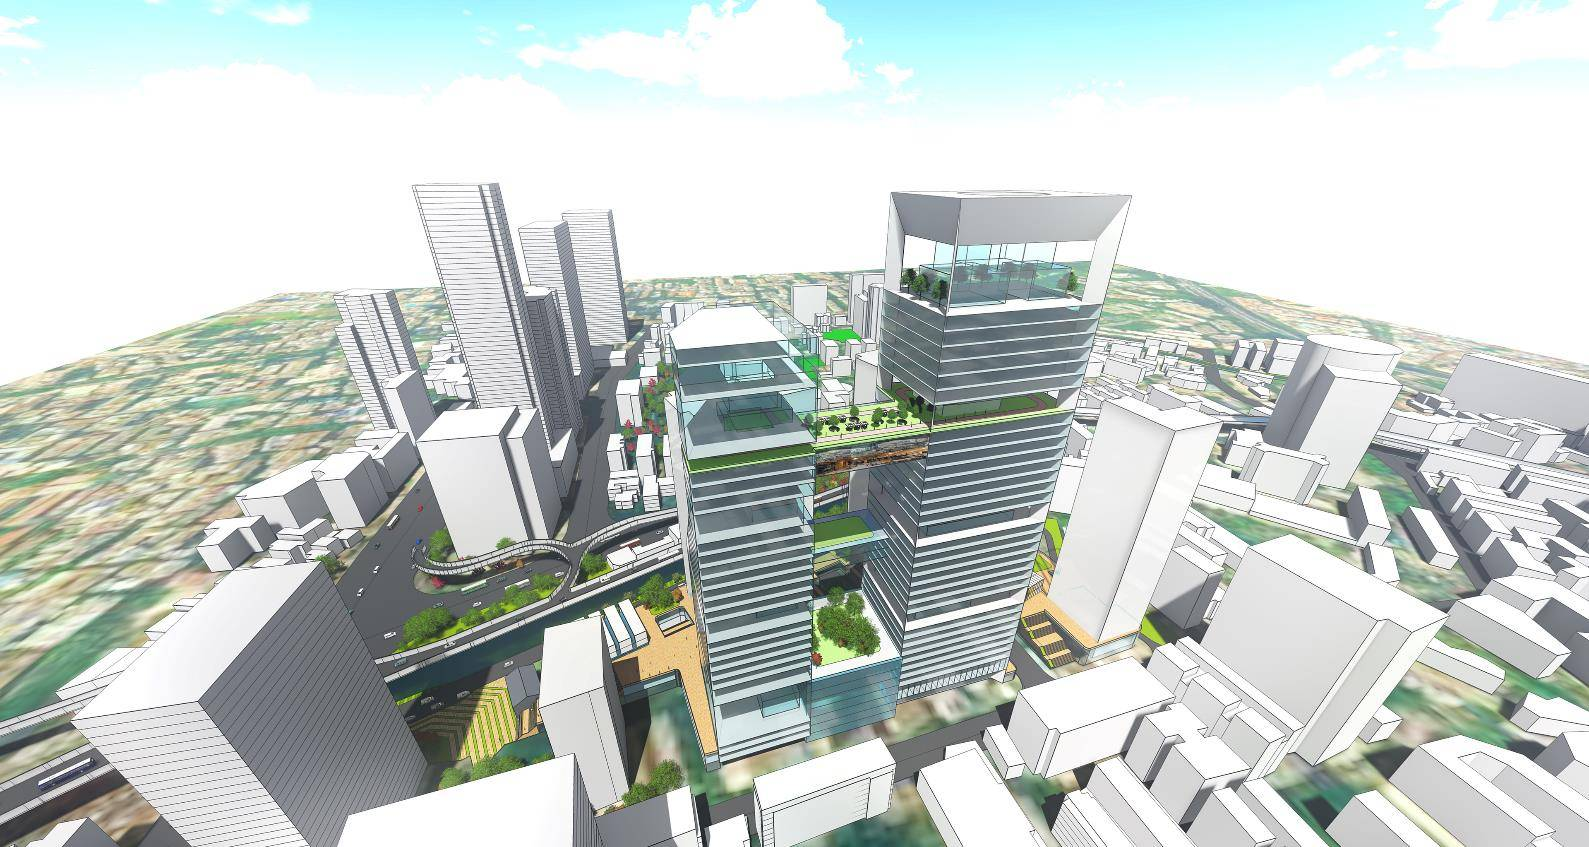 越秀区南洋电器厂将变身地标建筑群,注入智慧创新产业